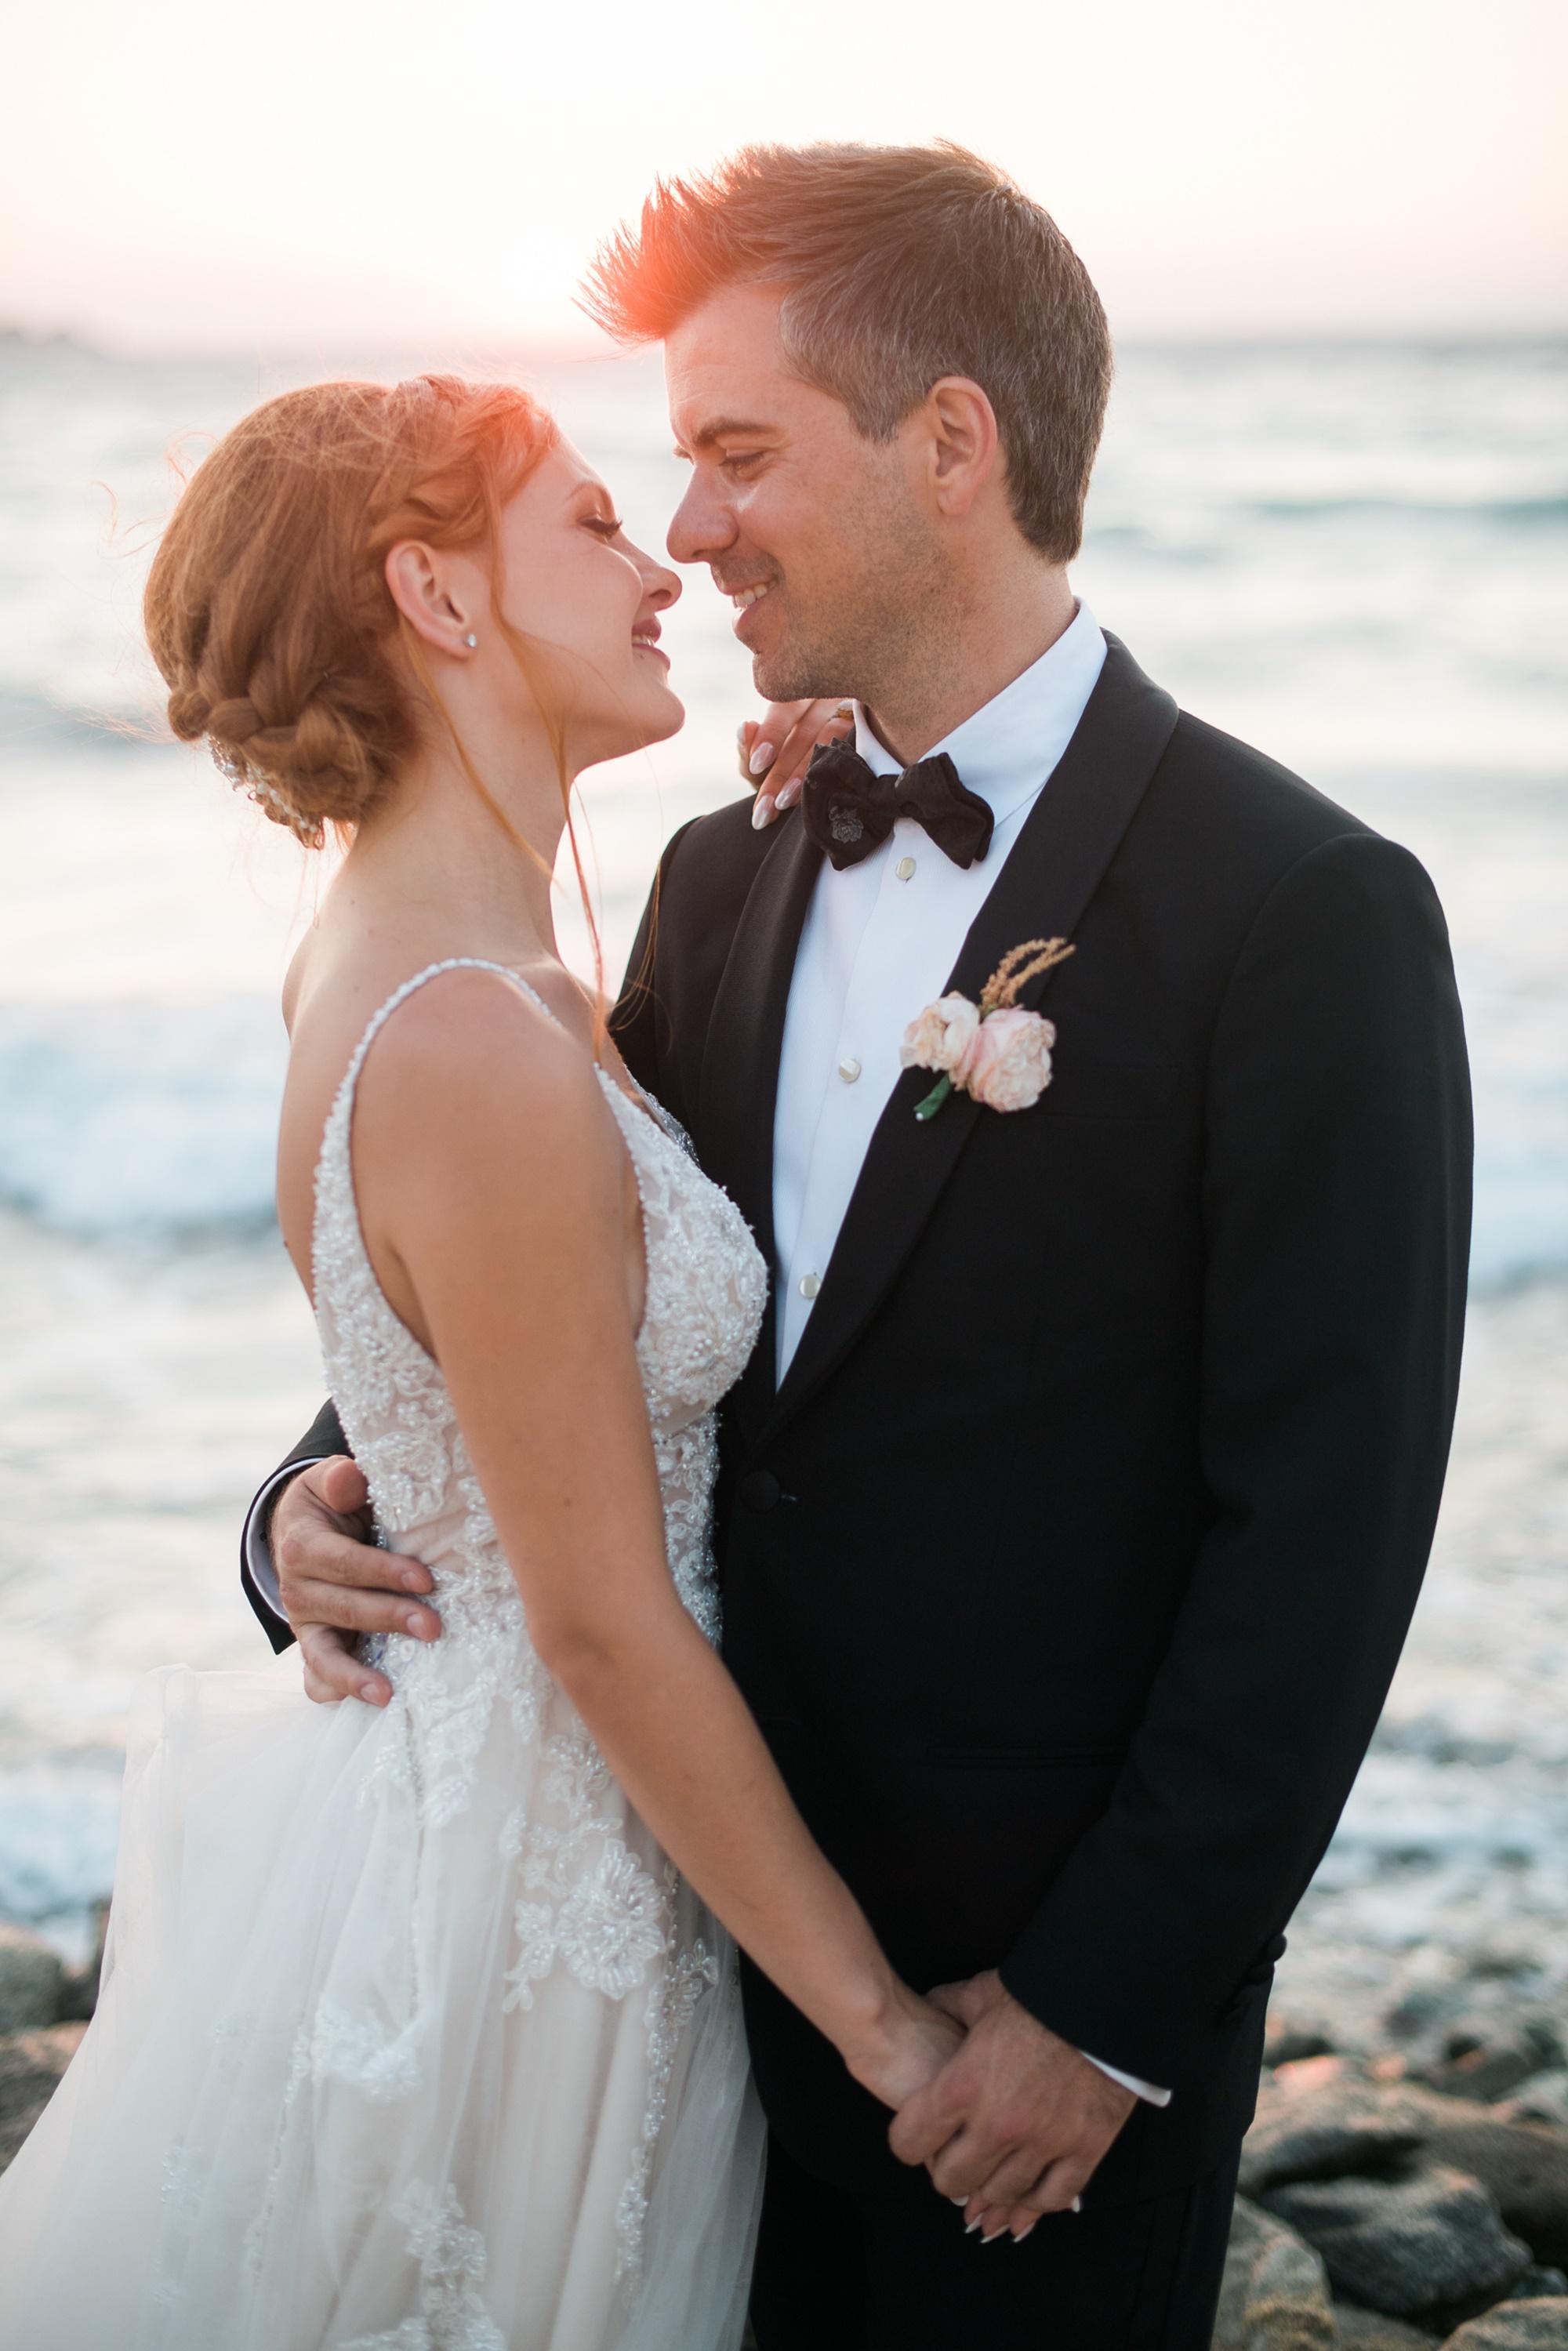 Κομψός ρομαντικός γάμος στη Μύκονο